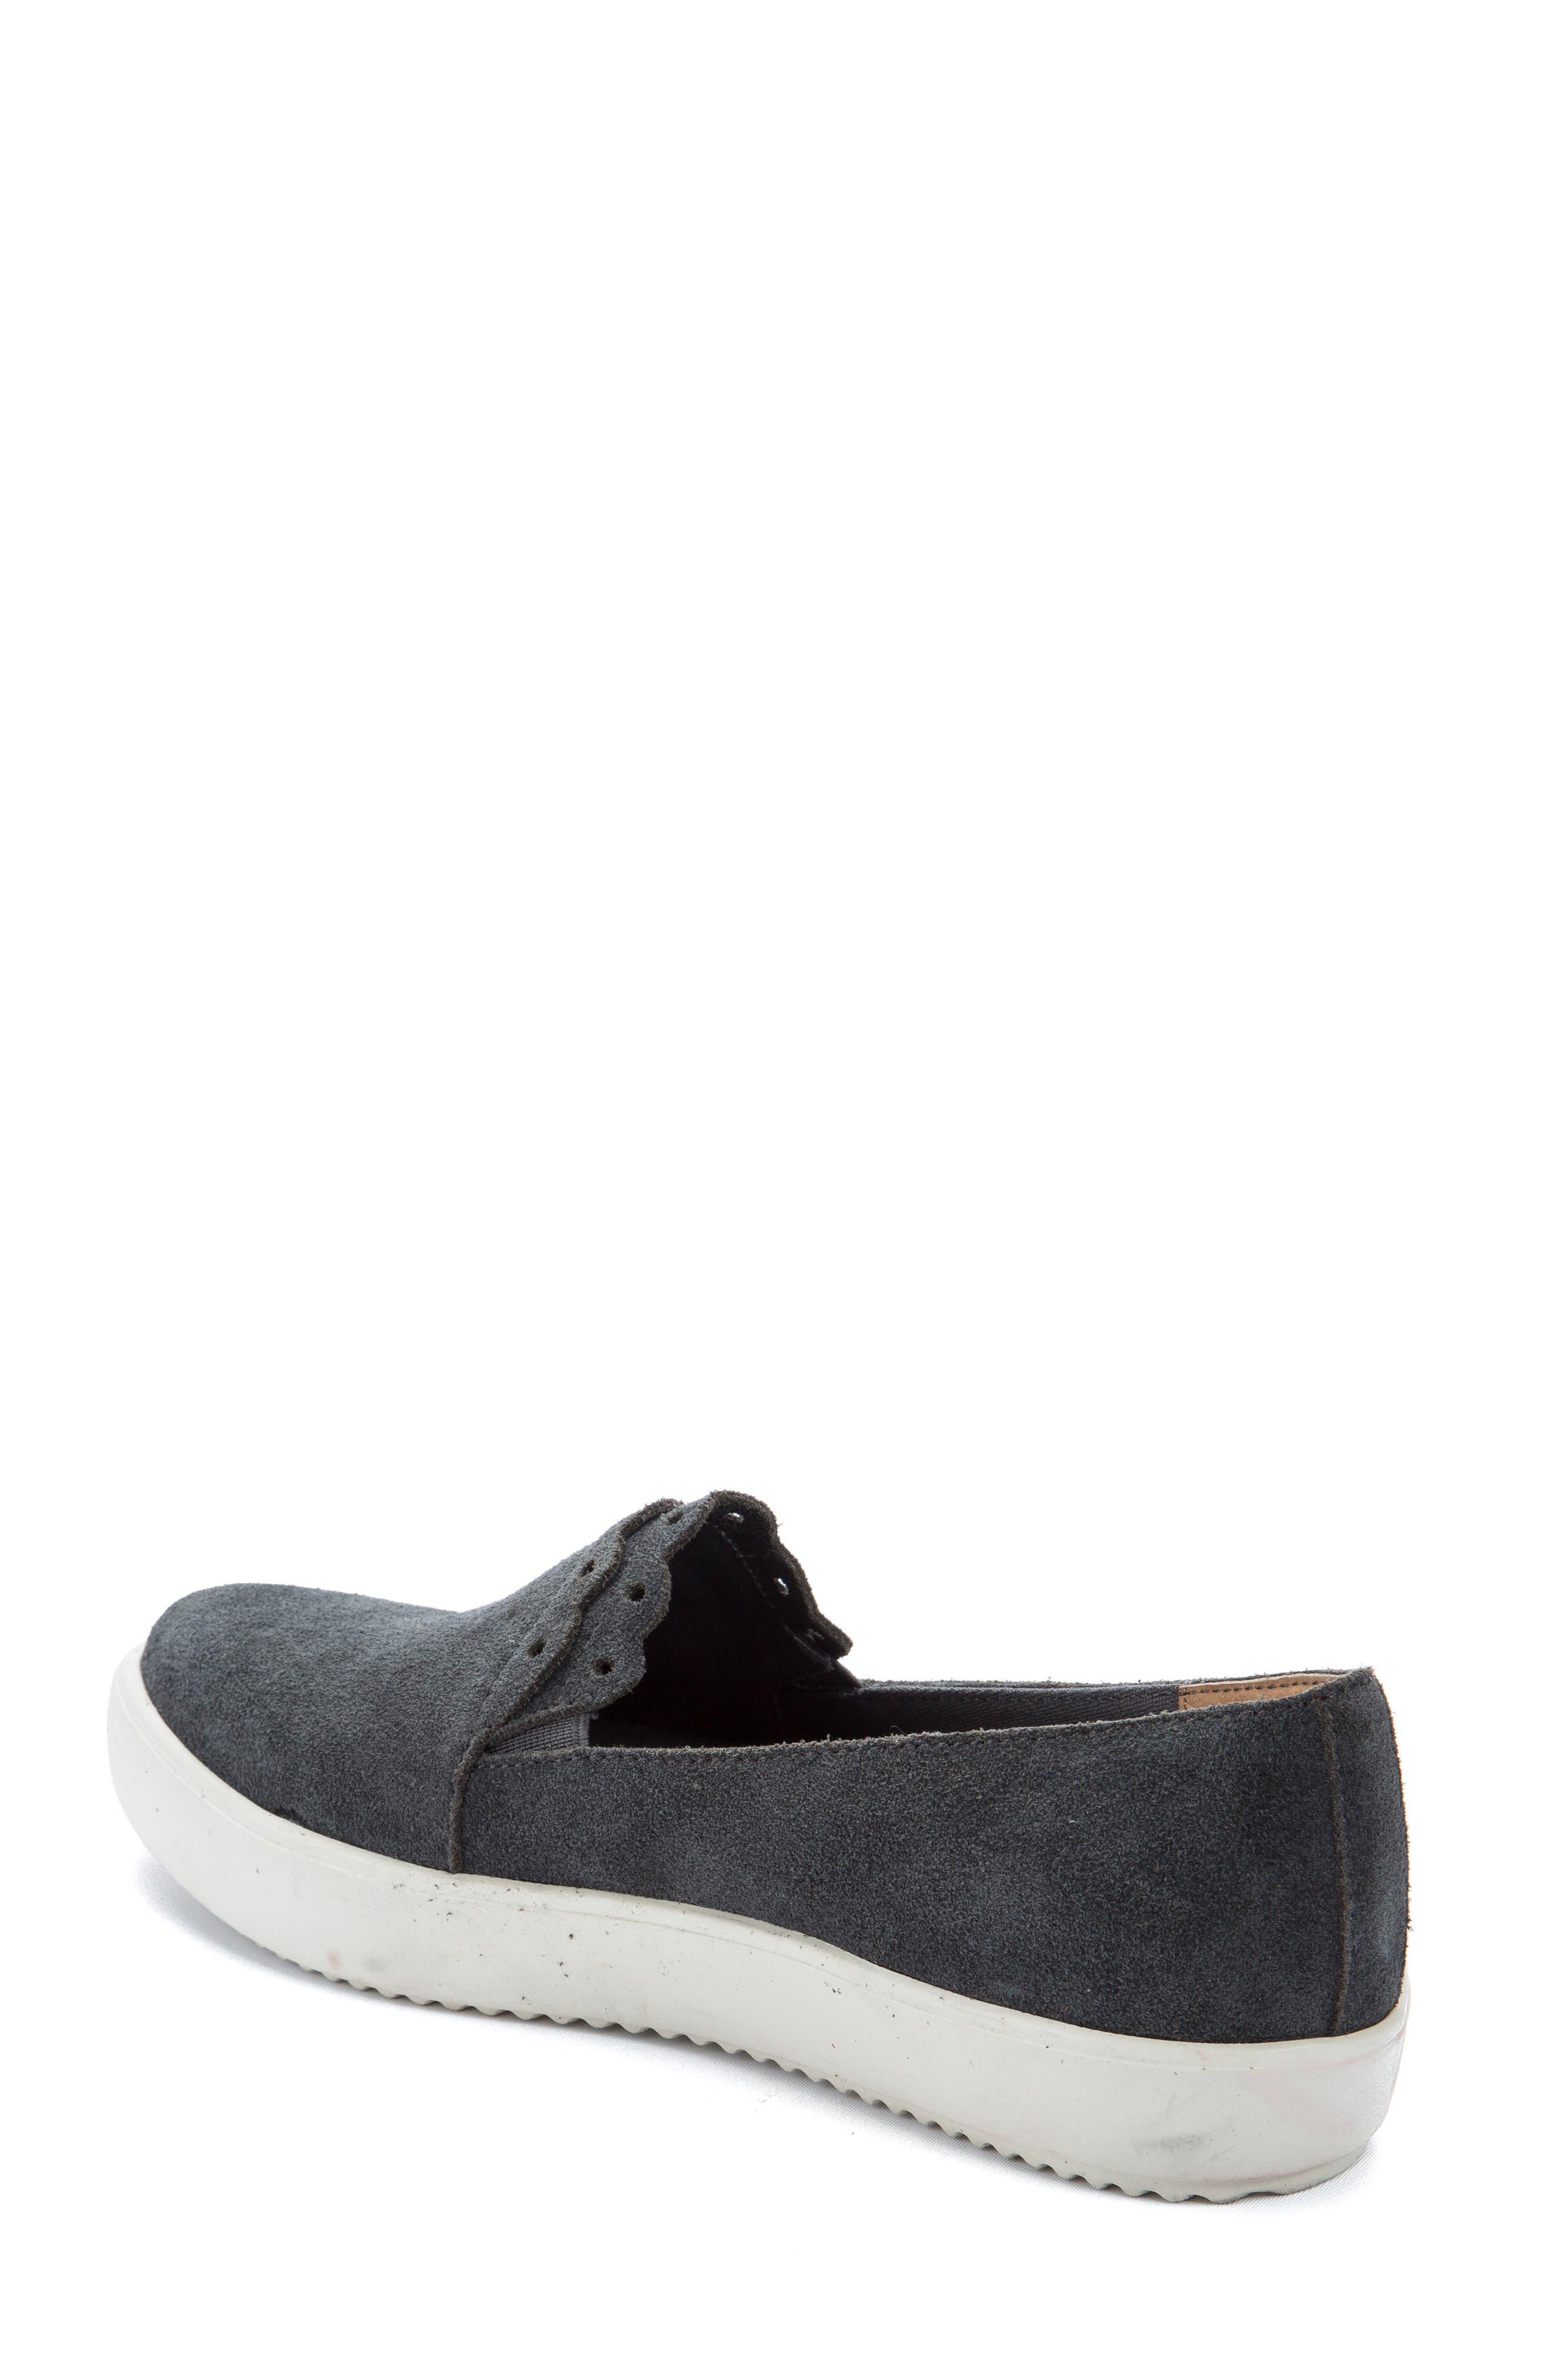 Roe Slip-On Sneaker,                             Alternate thumbnail 5, color,